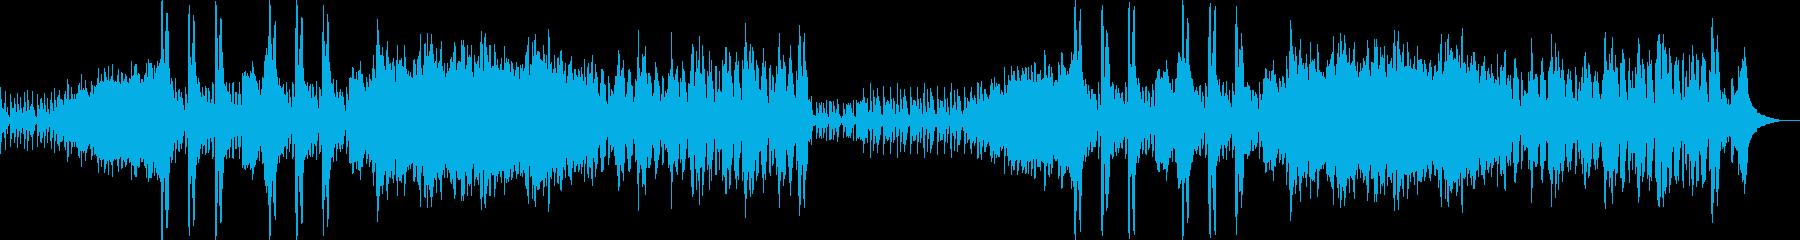 オーケストラ楽器による民族風音楽の再生済みの波形